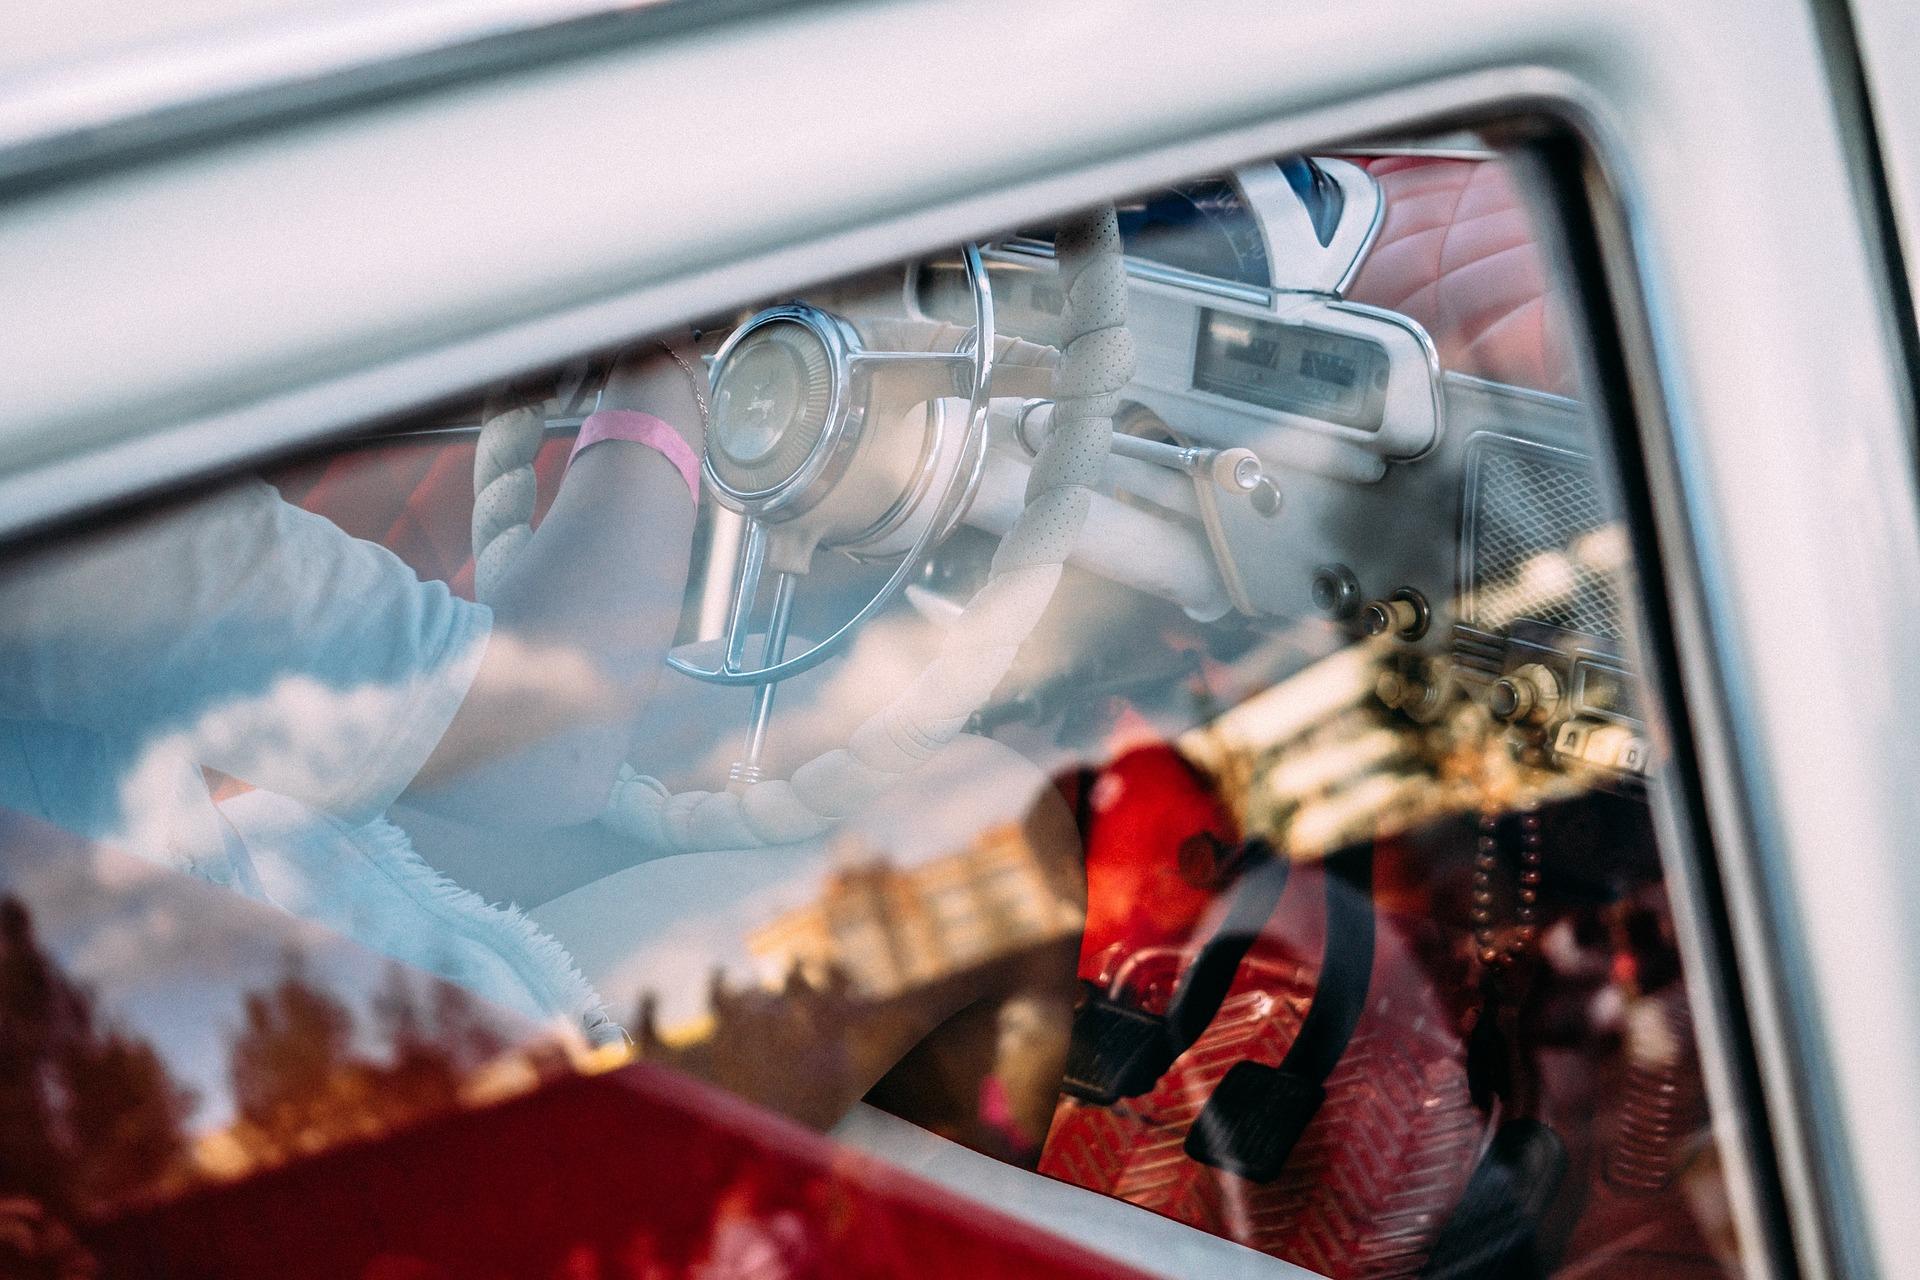 Foto da janela de um carro com uma pessoa no volante. Imagem ilustrativa para texto limpeza de vidros.